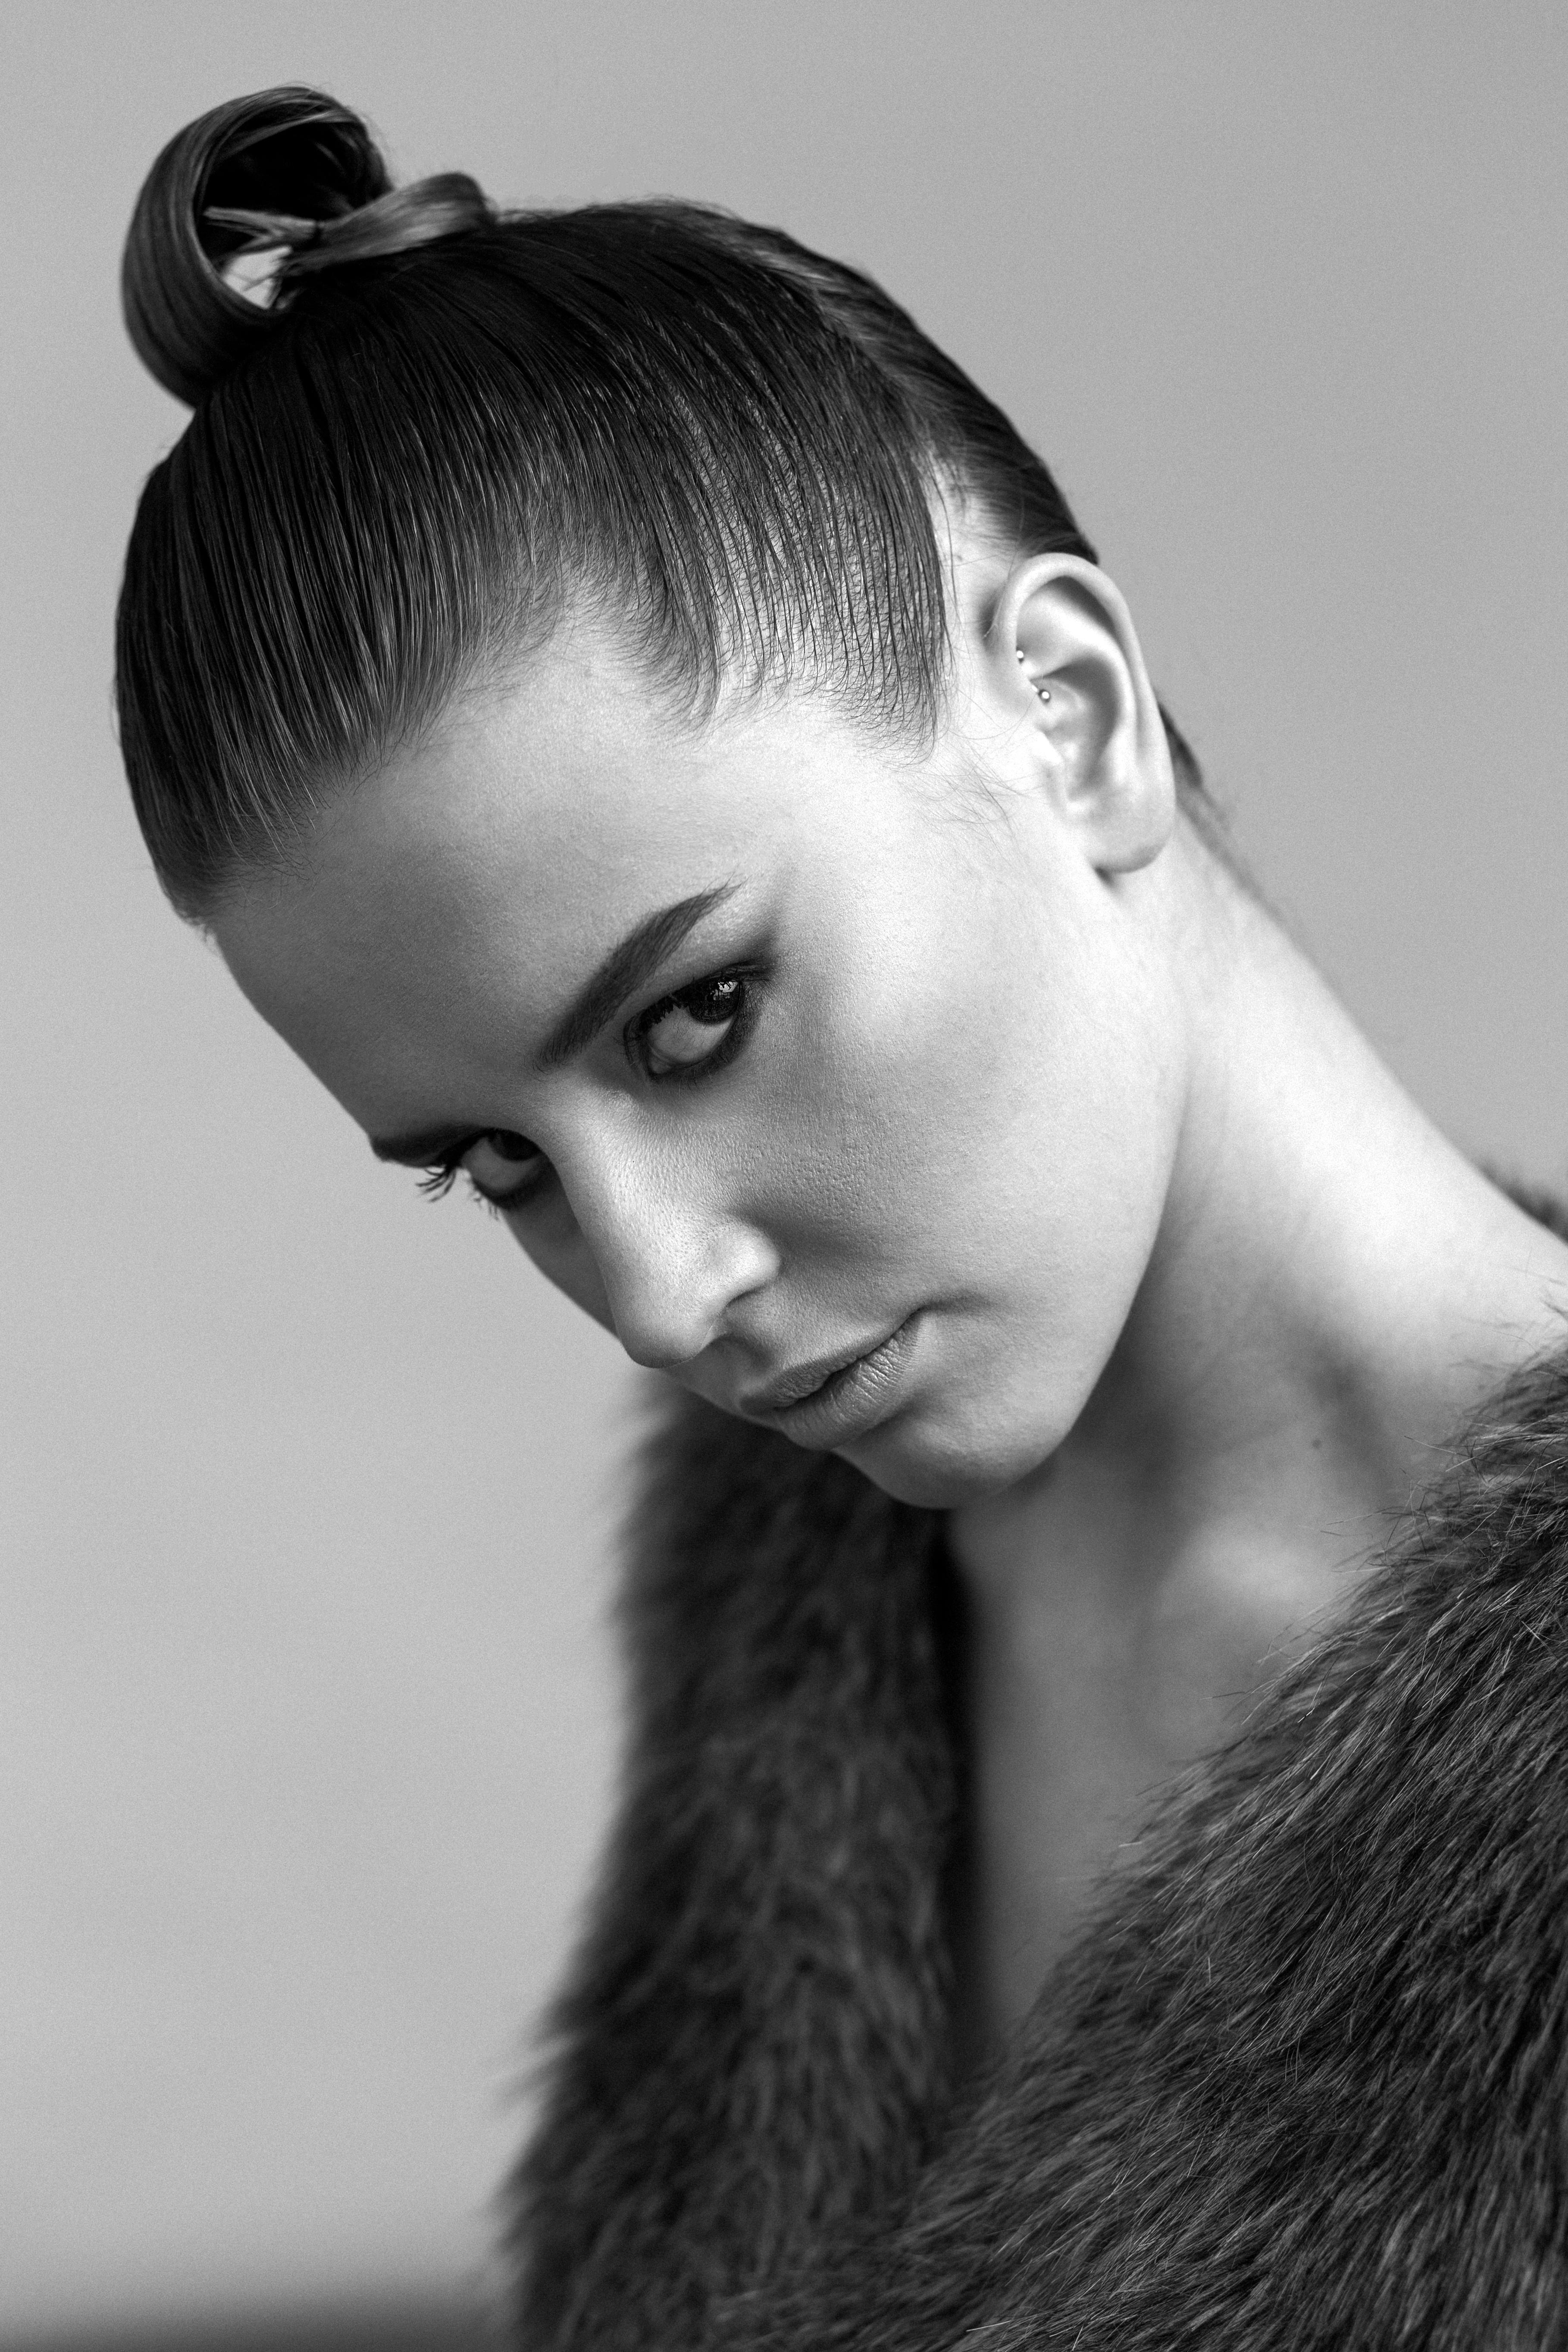 Emma Cloutier